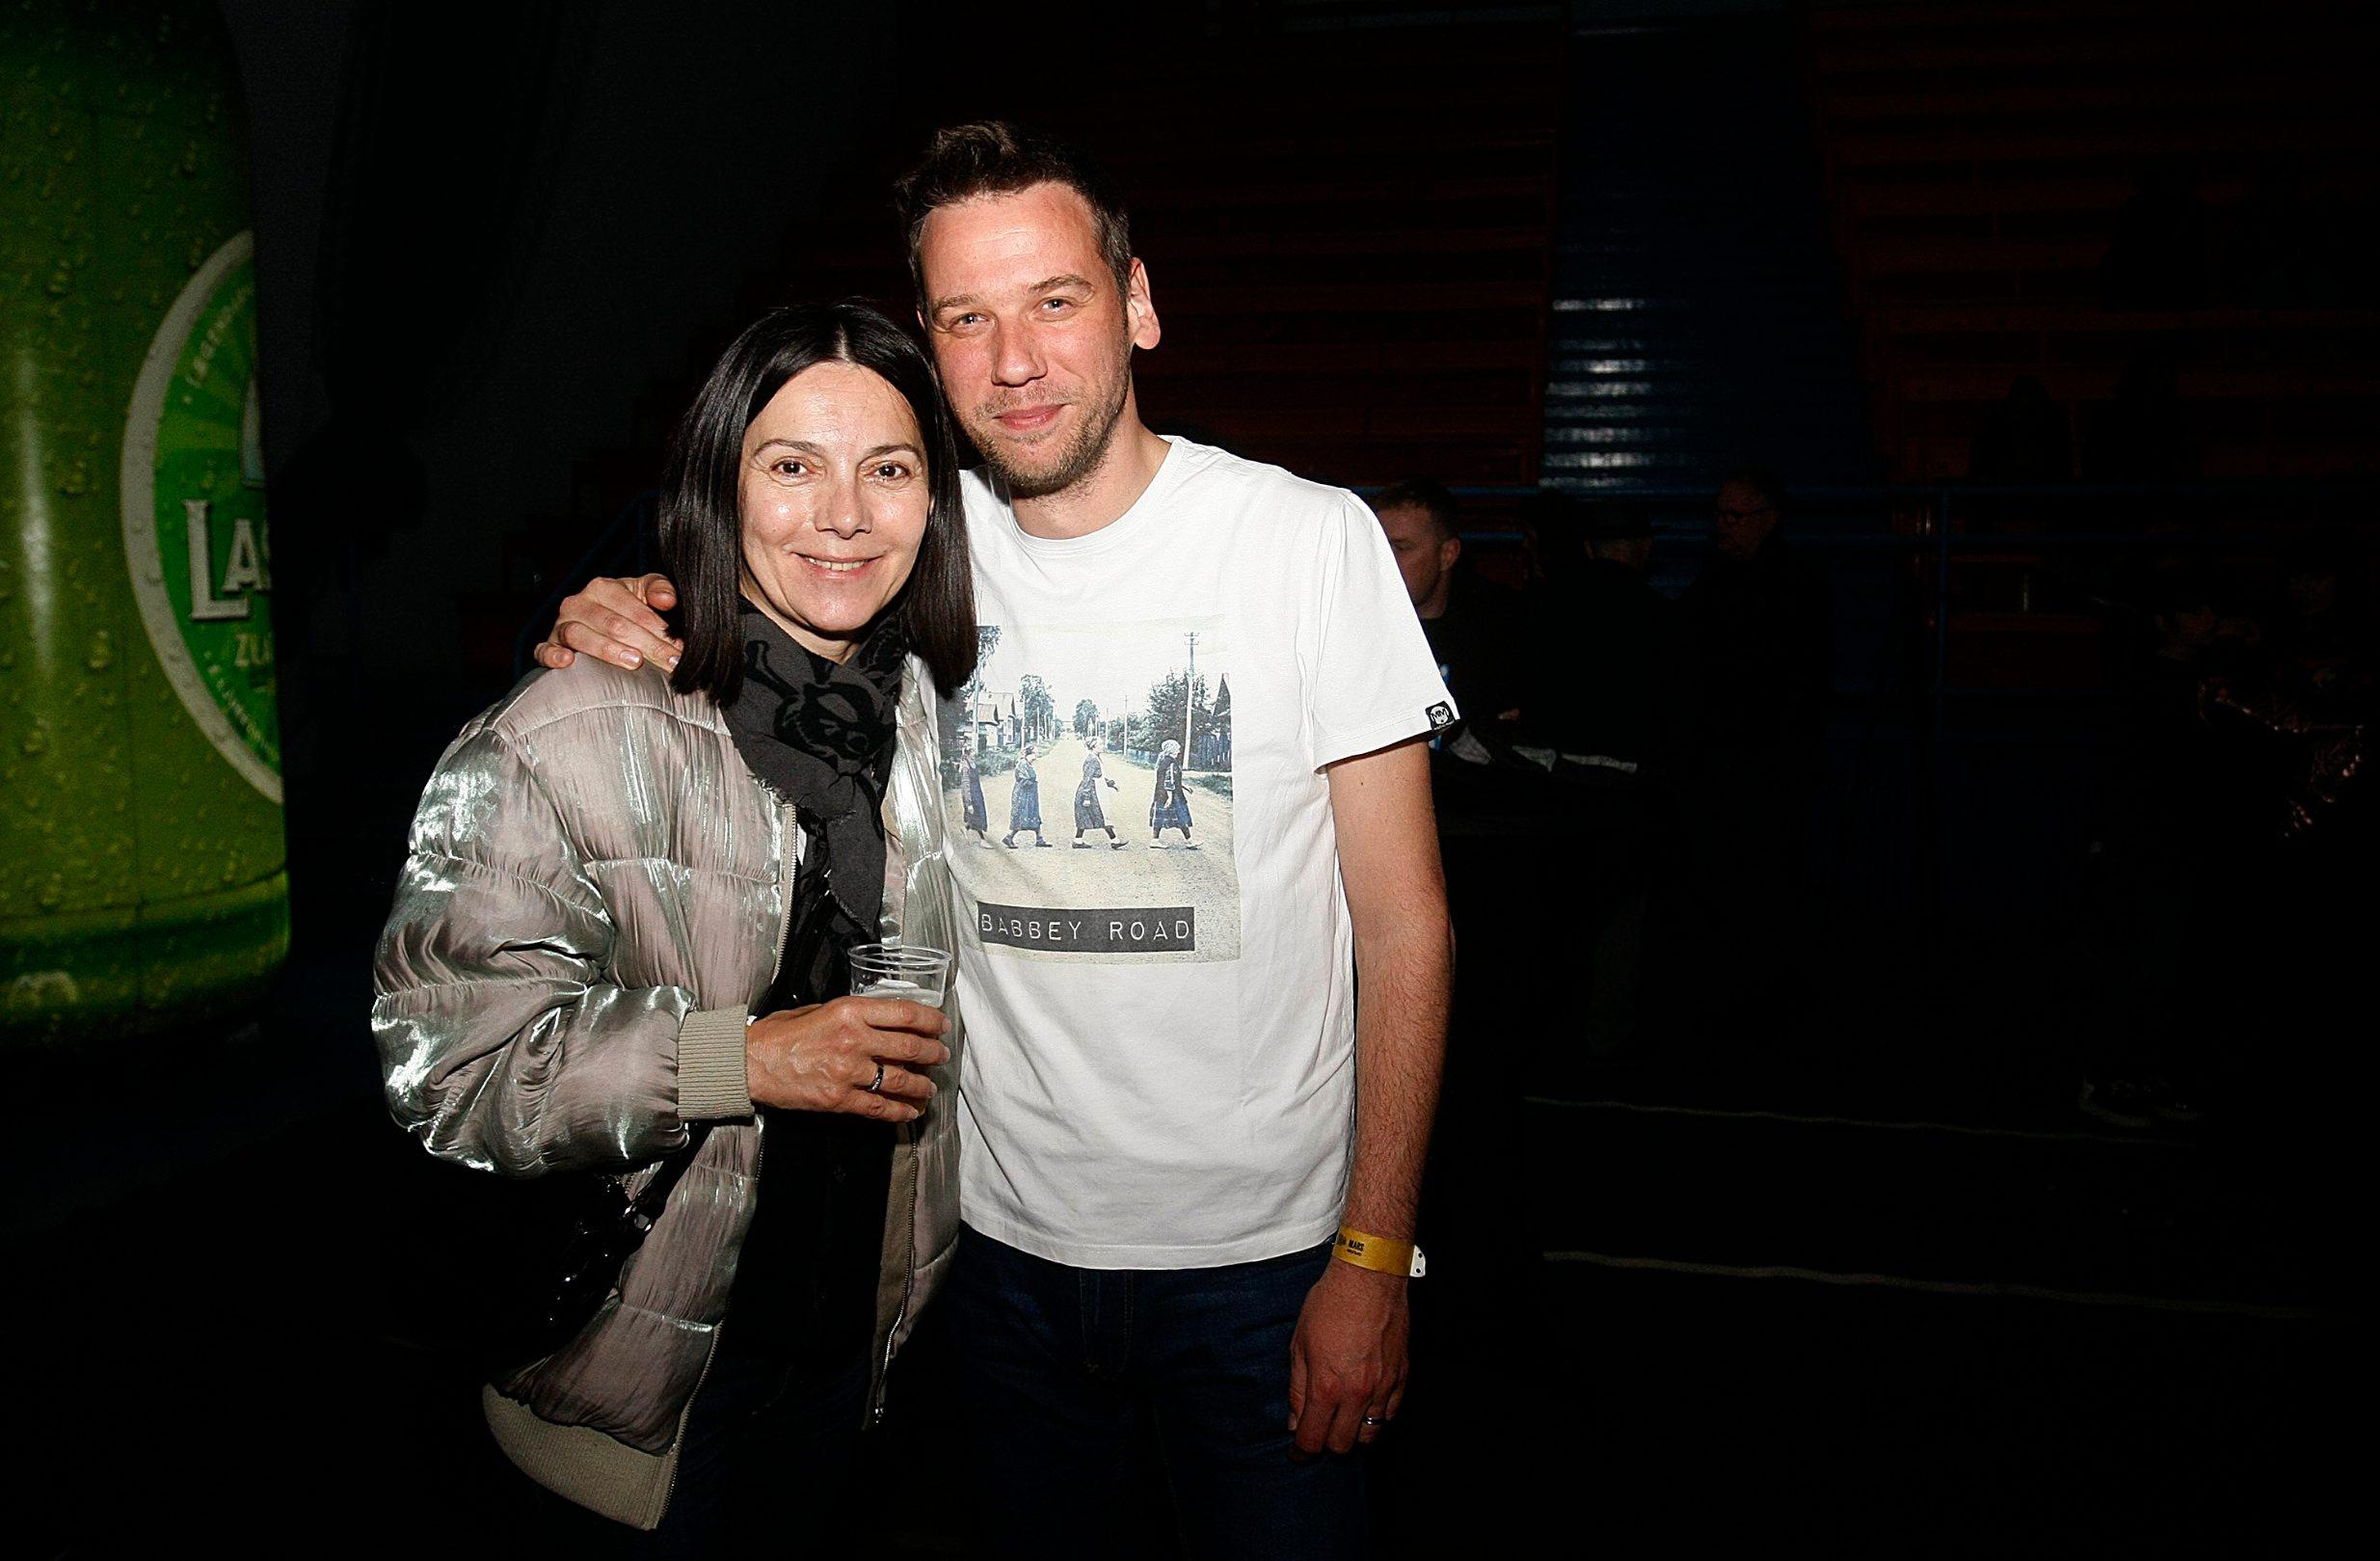 Zagreb, 050419. Dom sportova. Koncert grupe Vatra. Na fotografiji: Danijela Trbovic i Luka Bulic. Foto: Ranko Suvar / CROPIX